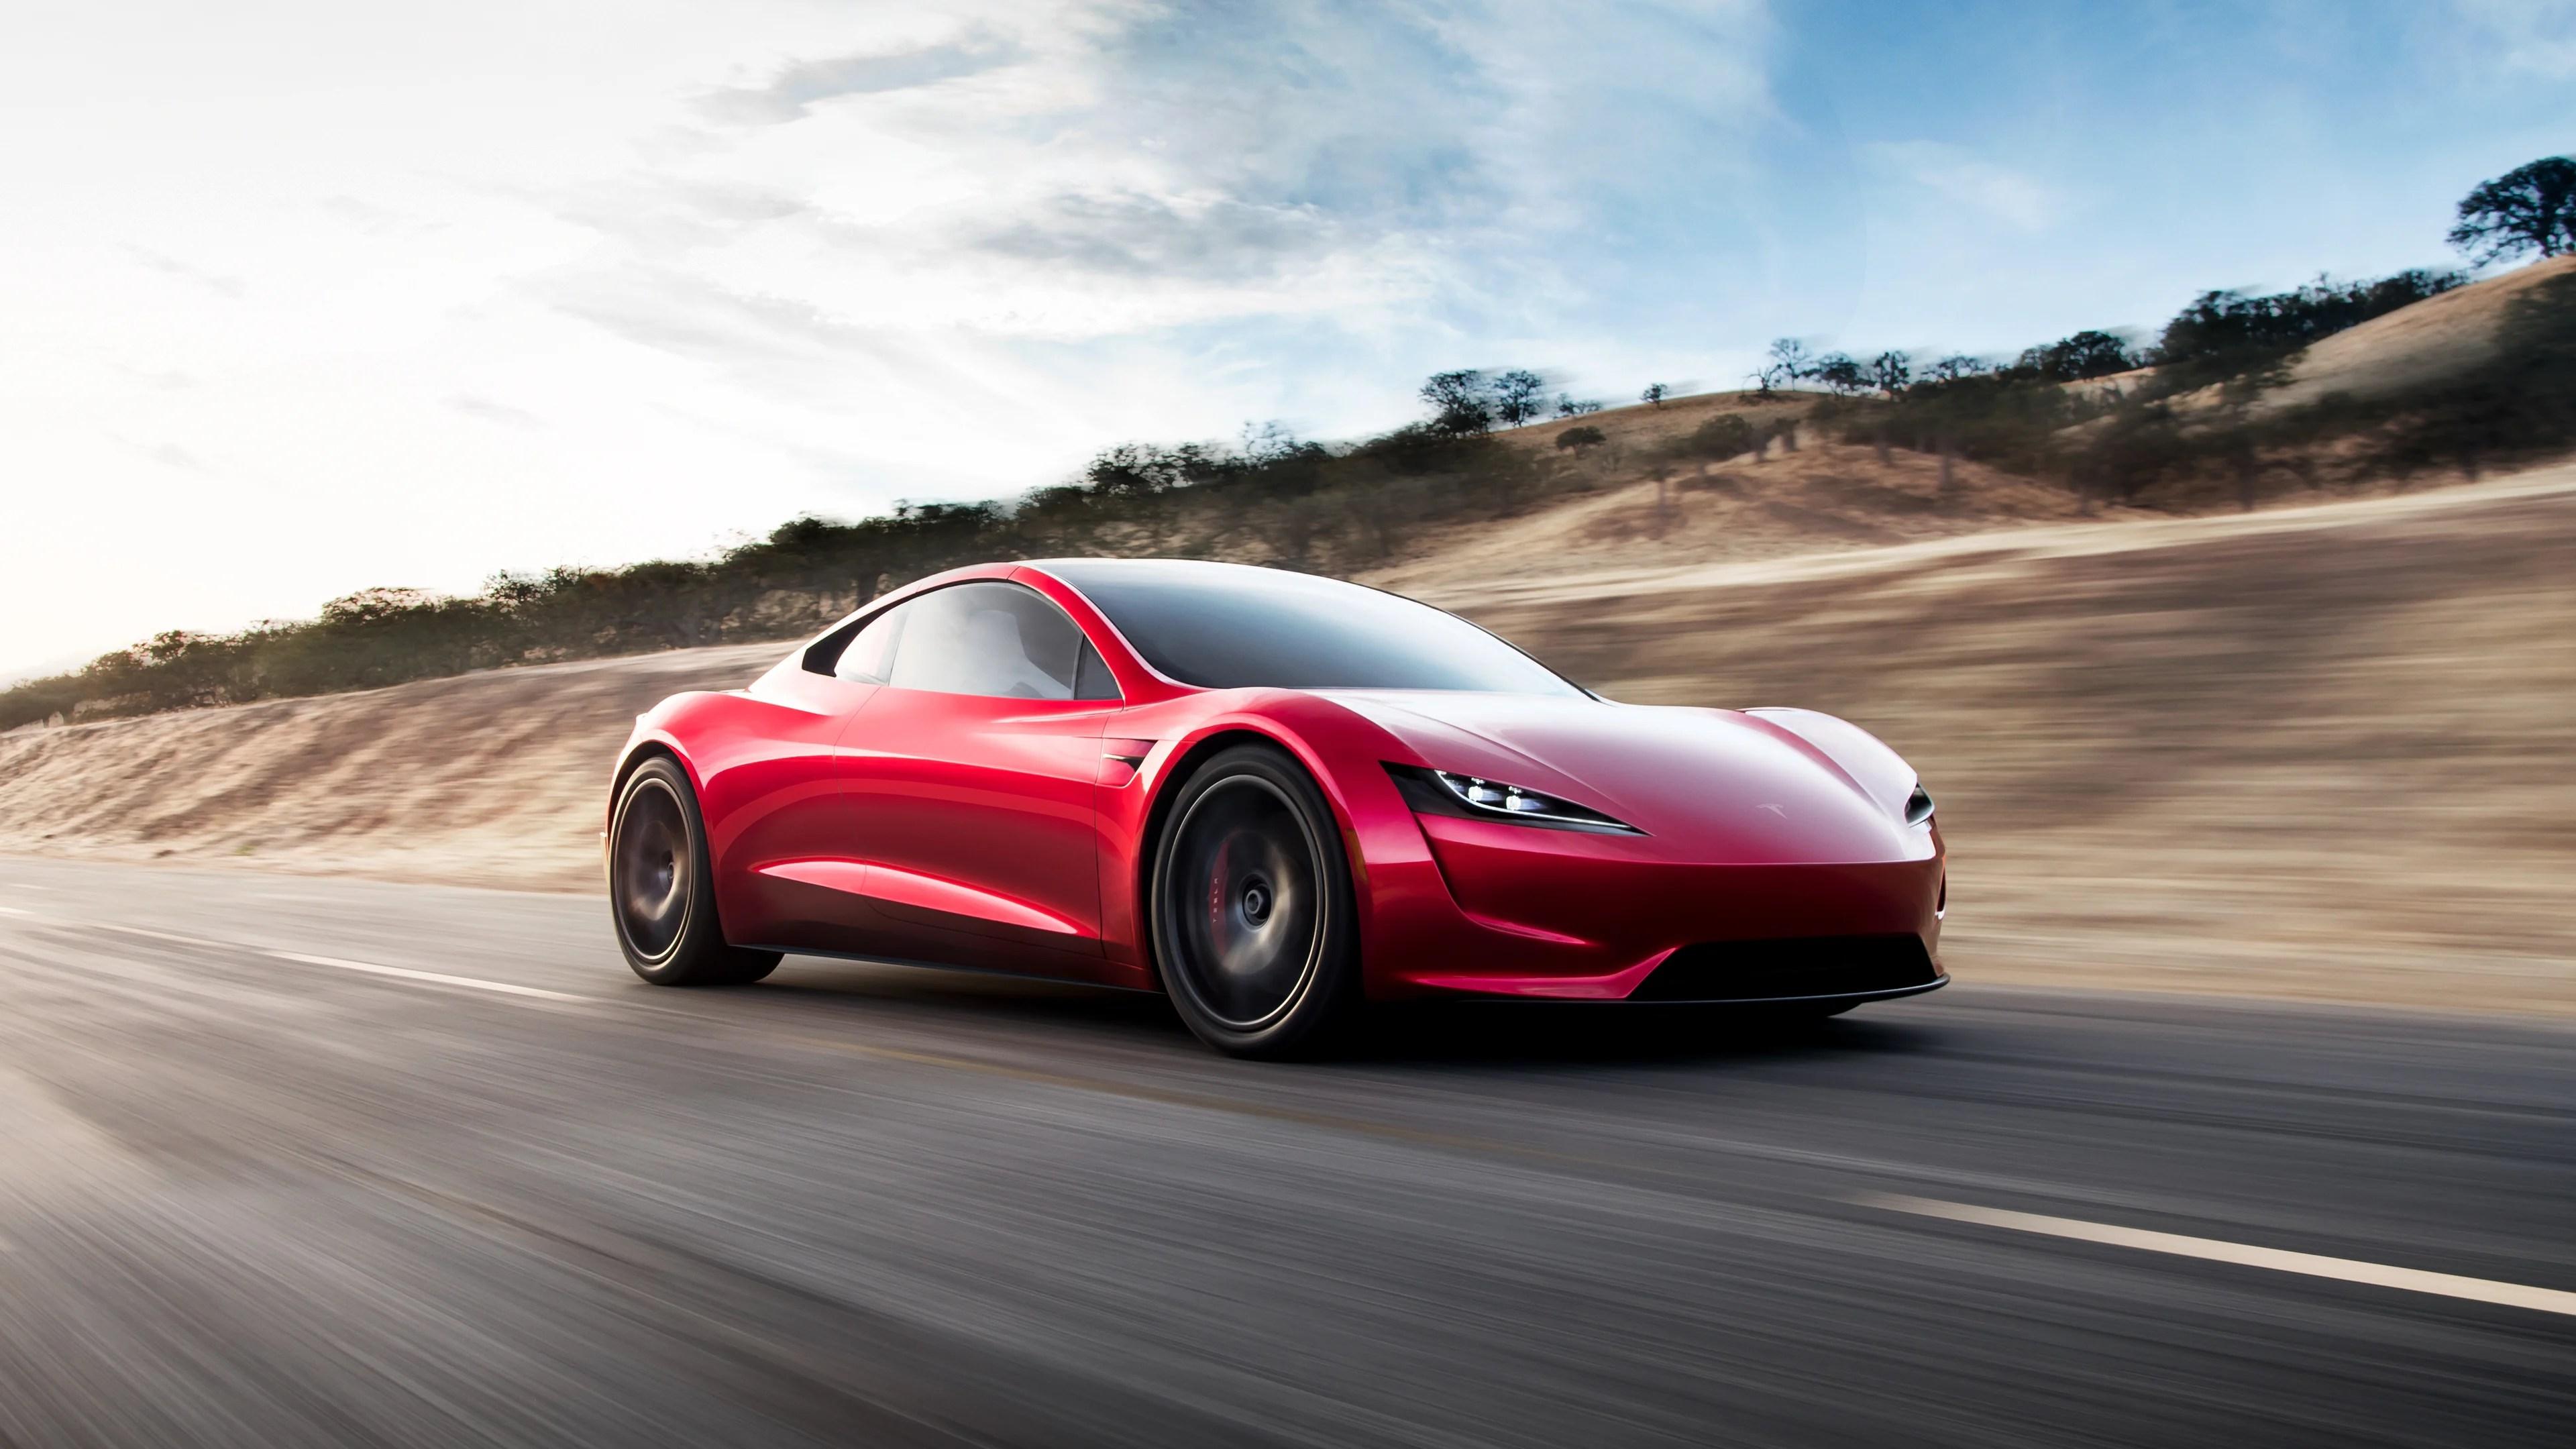 Tesla Roadster : Musk annonce une autonomie à 4 chiffres pour sa supercar électrique